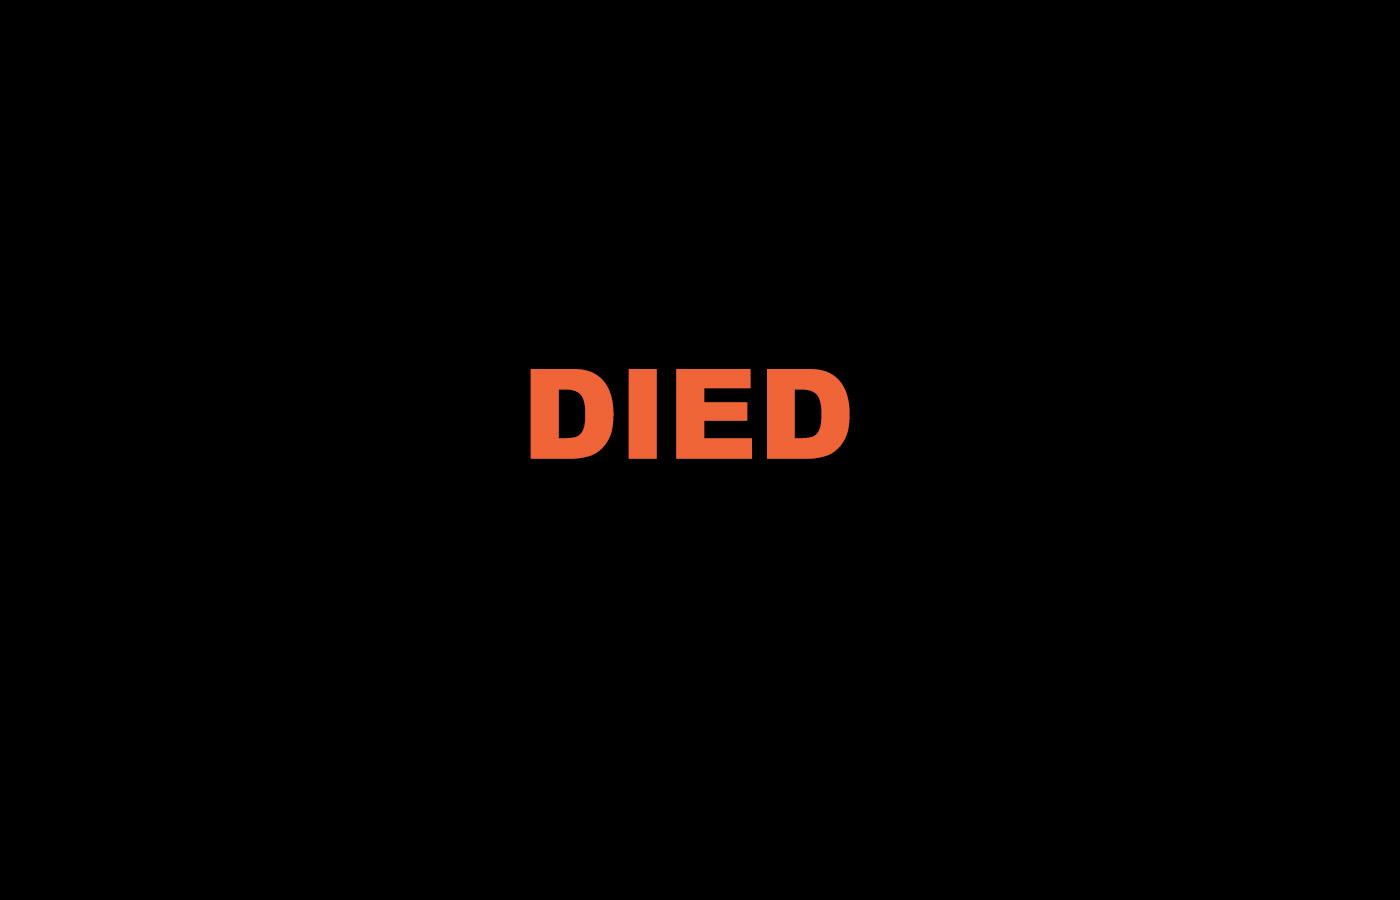 Shalom-Died